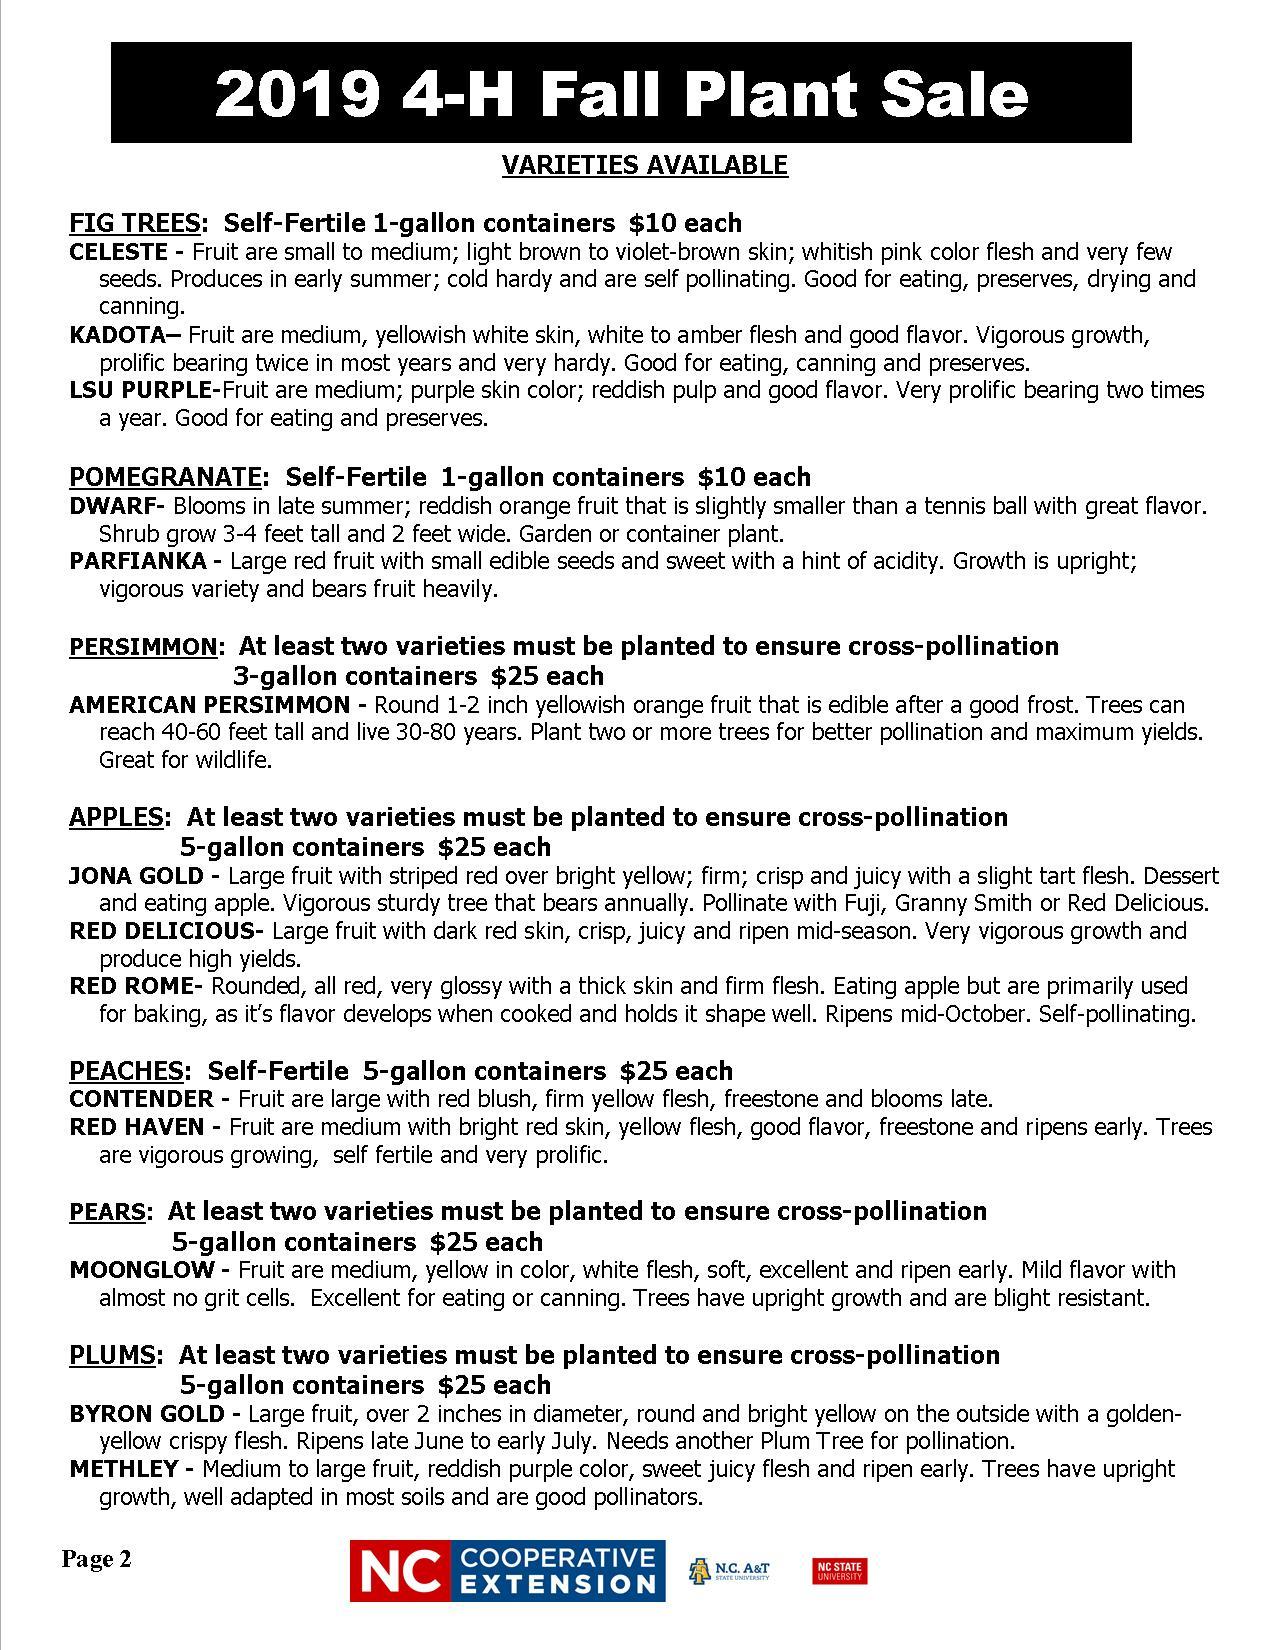 Plant sale flyer image 21